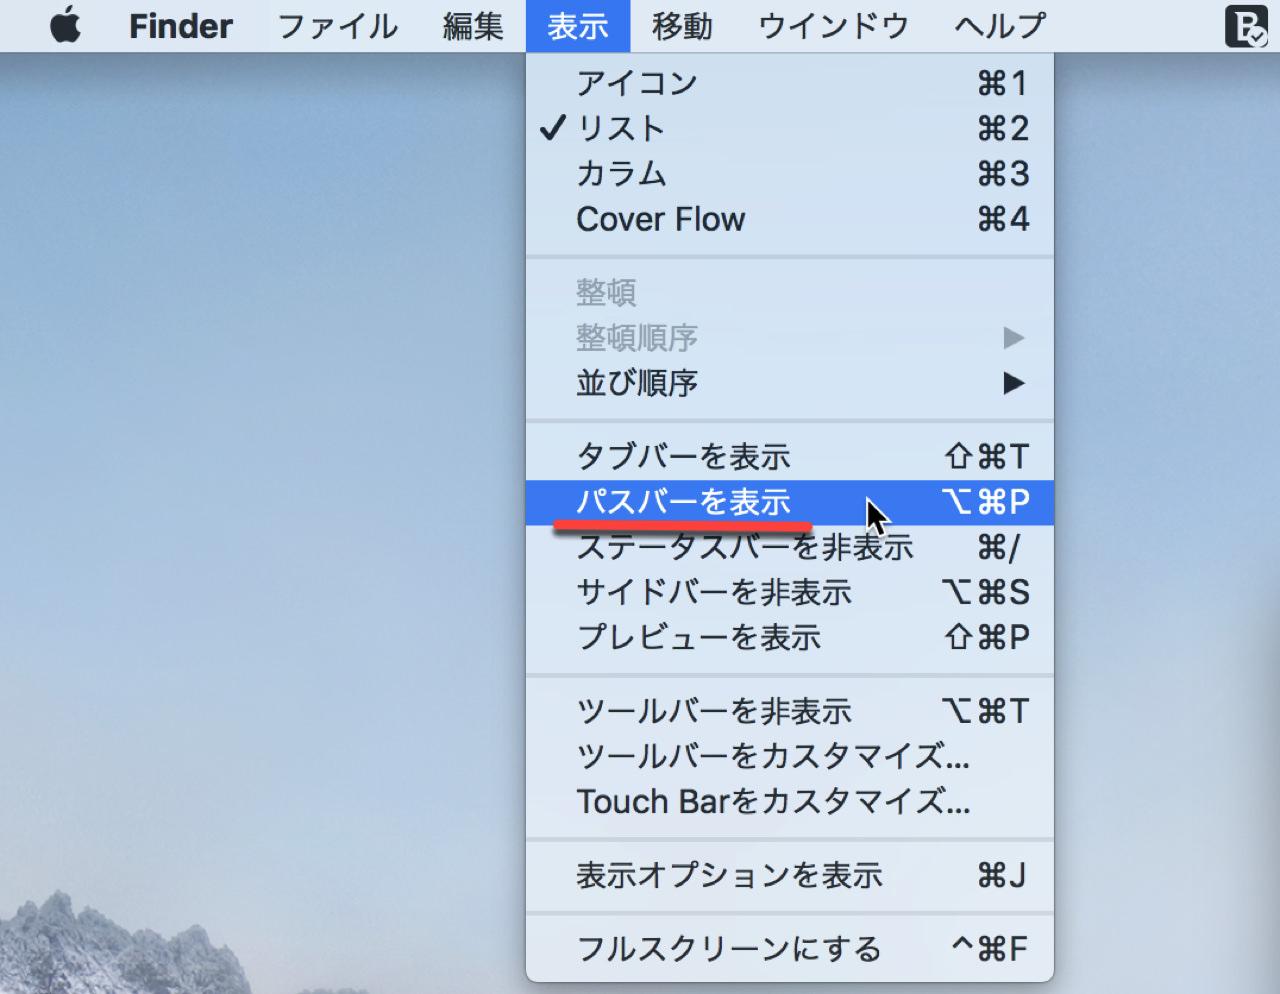 Finderのパスバー表示を有効にする